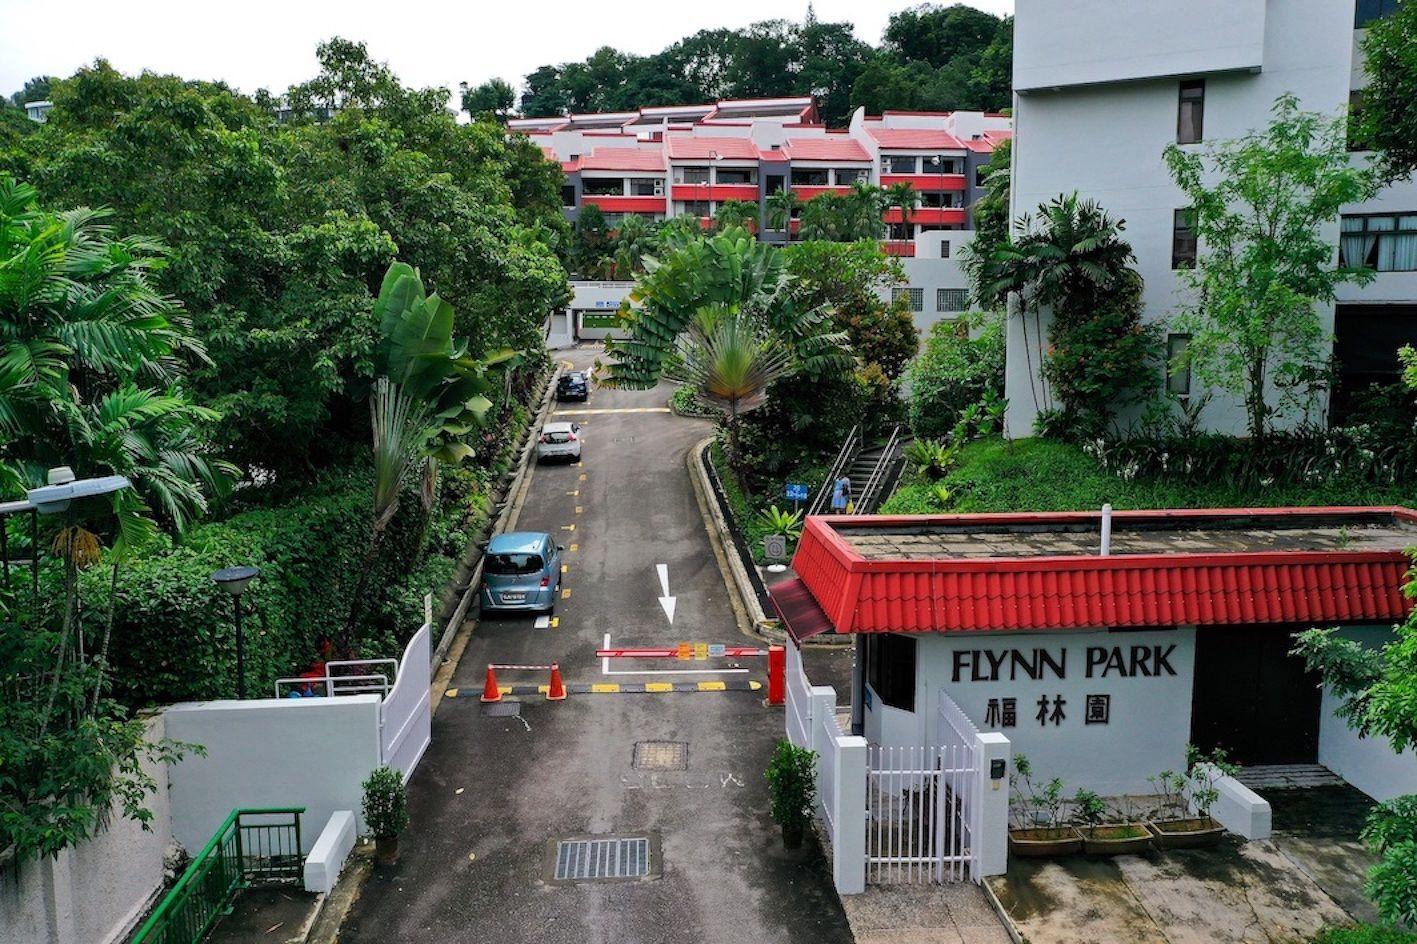 Flynn Park - EDGEPROP SINGAPORE